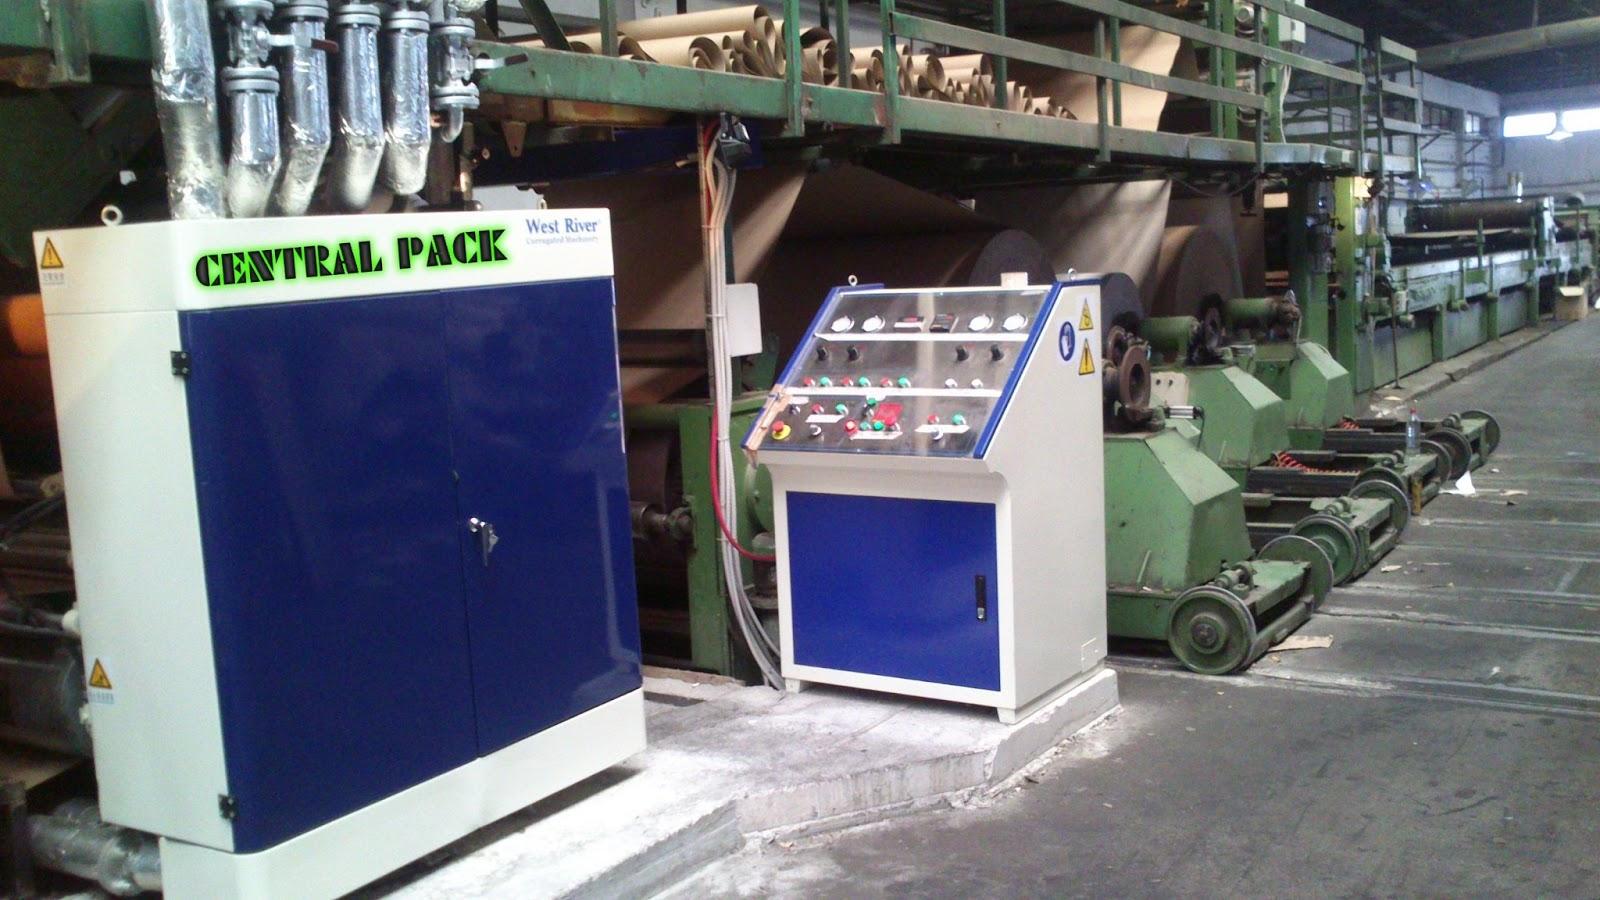 Σκοπός της CENTRAL PACK είναι η συνεχής ανάπτυξη, η βελτίωση των προϊόντων καθώς και ο εκσυγχρονισμός του μηχανολογικού εξοπλισμού της.